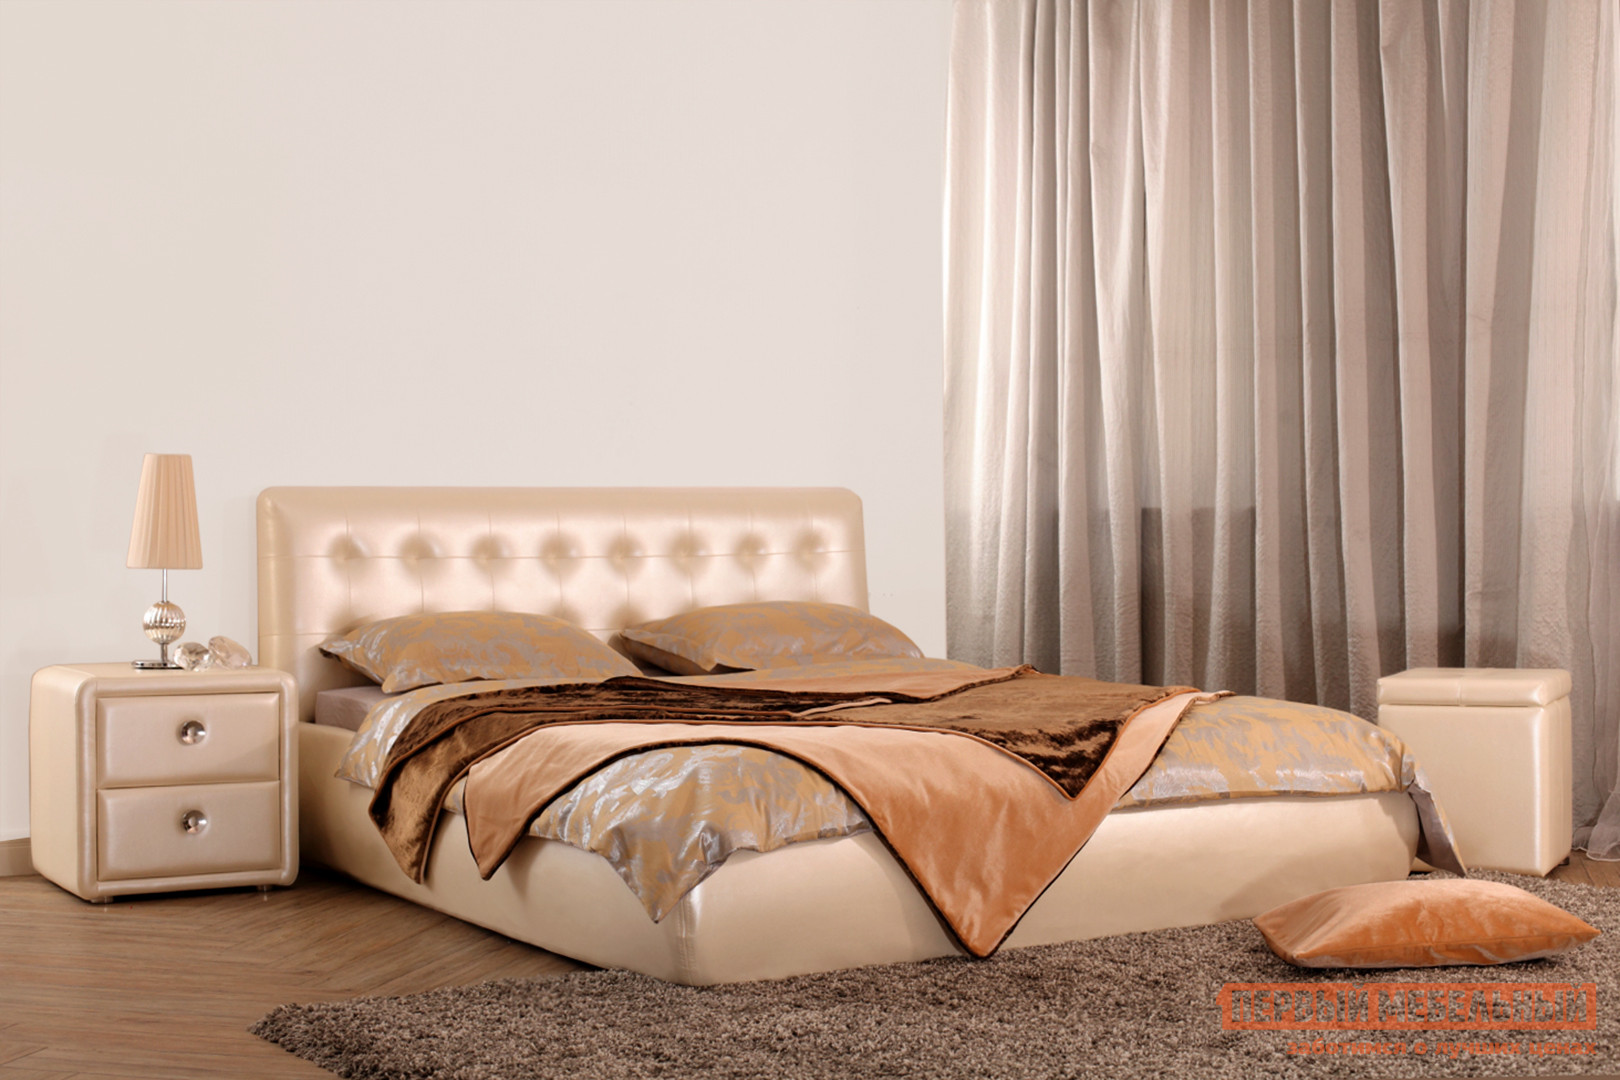 Двуспальная кровать Первый Мебельный Кровать Омега 140х200, 160х200, 180х200 кровать амели 180х200